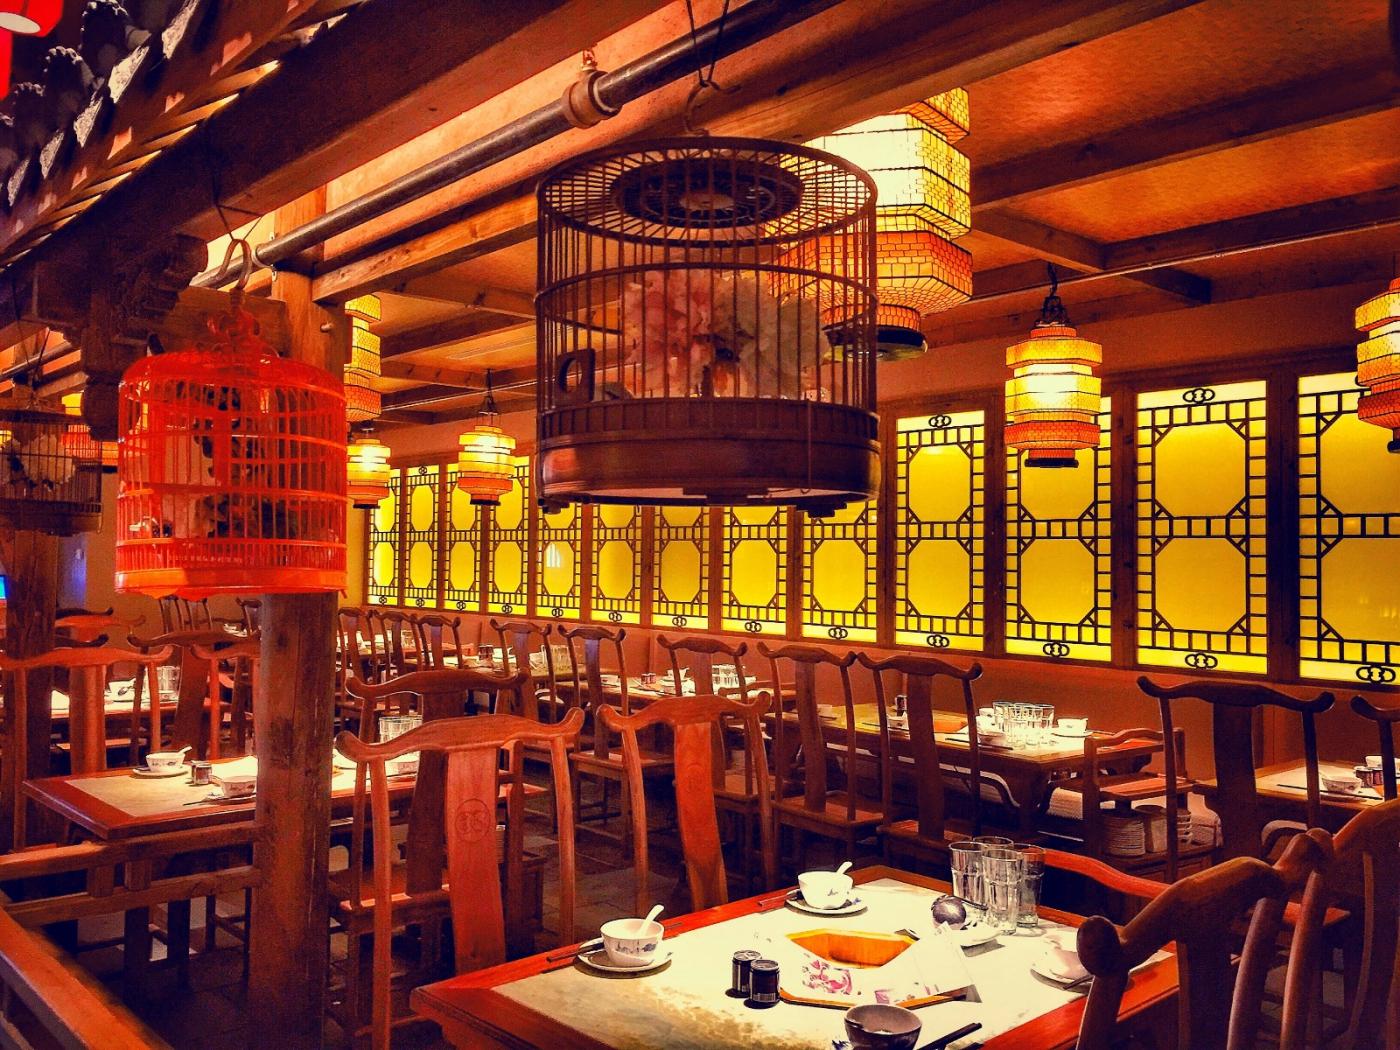 【盲流摄影】纽约法拉盛的中餐馆品味在提升-手机摄影_图1-22